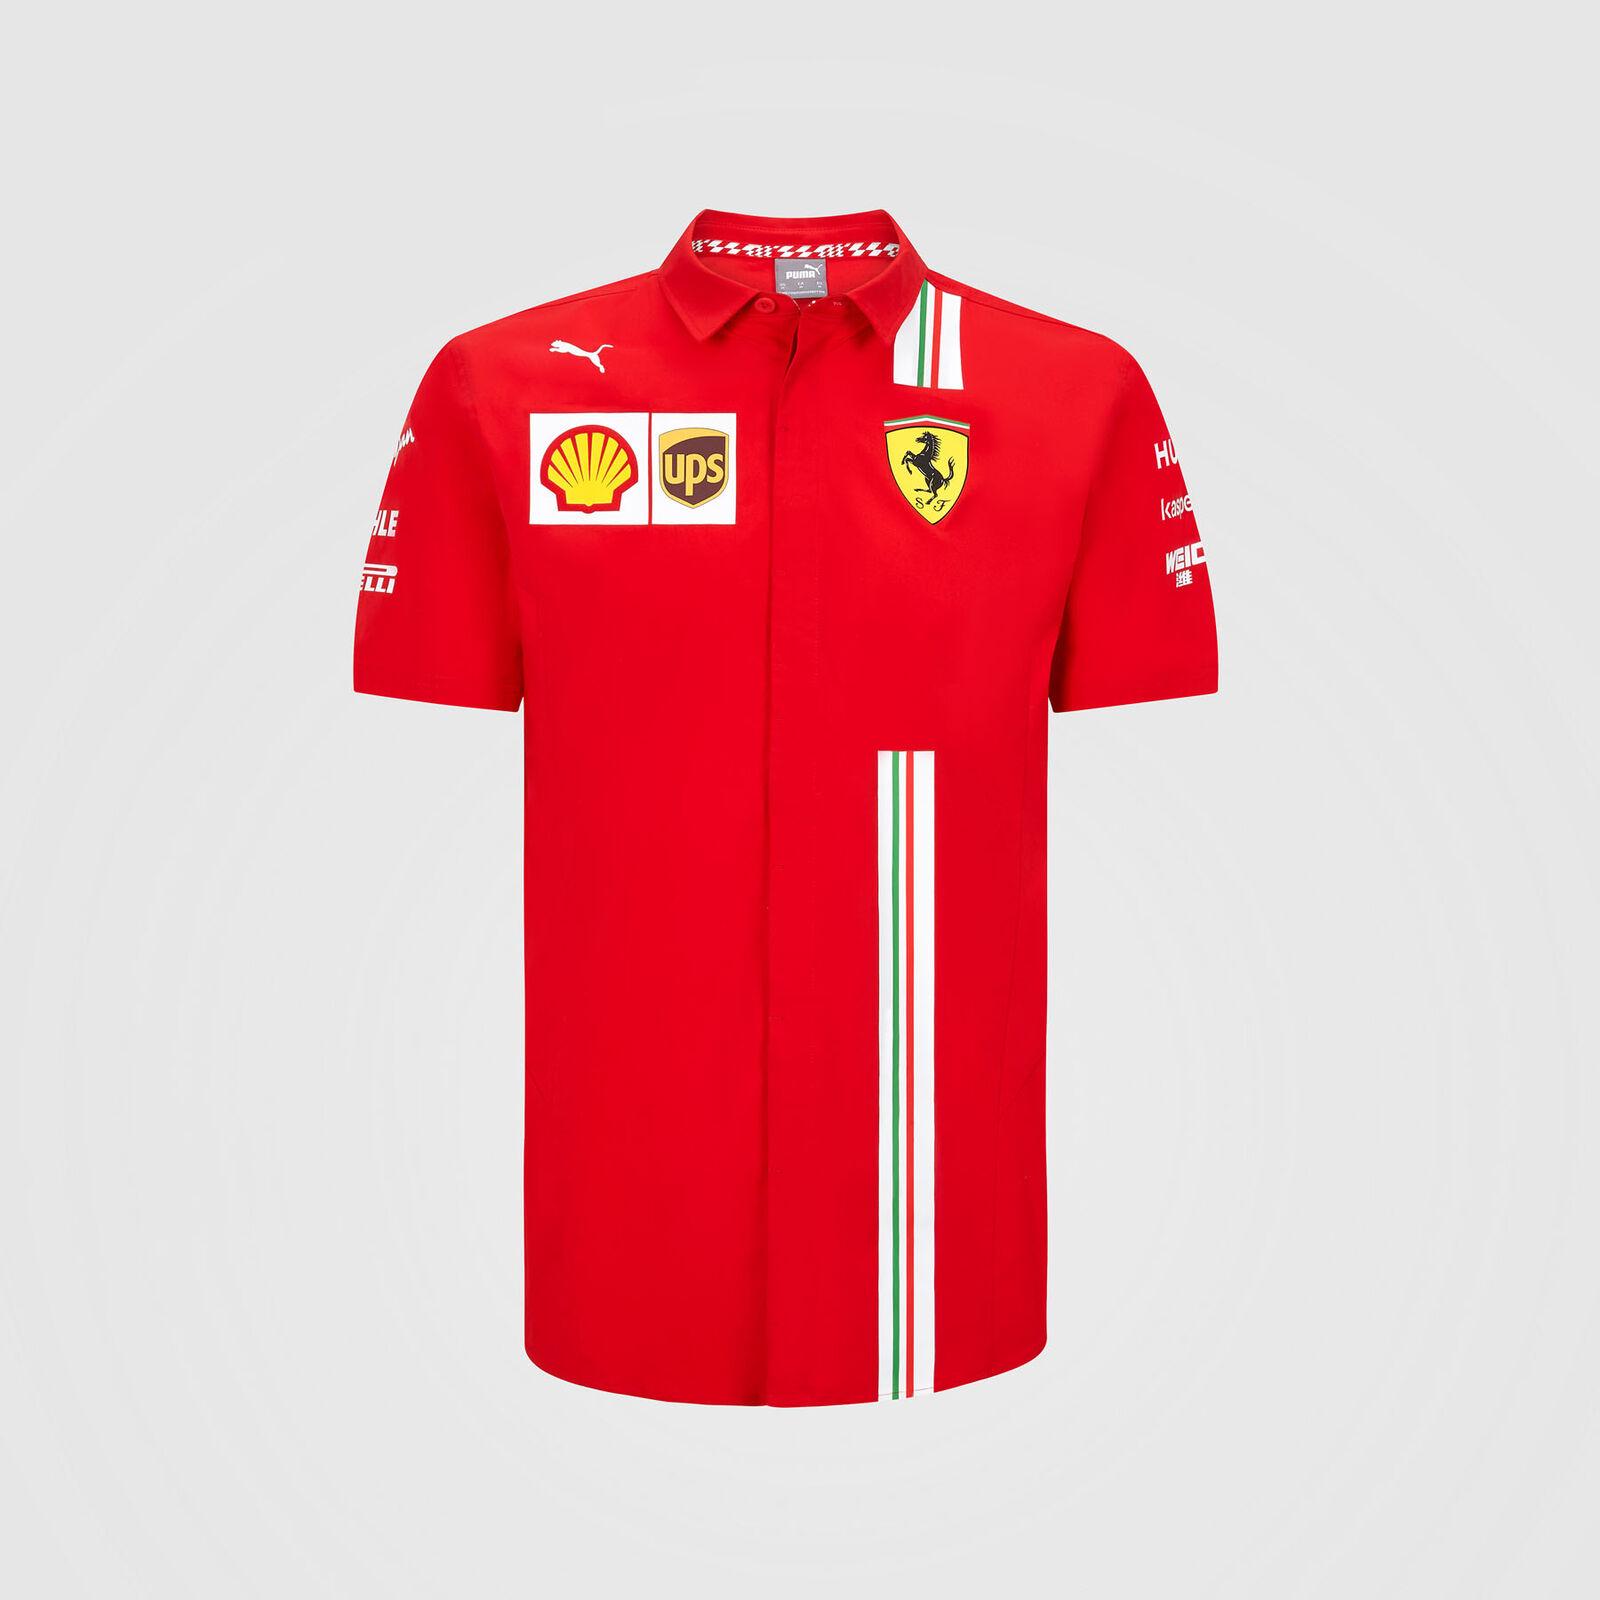 20 21 Team Shirt Scuderia Ferrari Formula 1 Fuel For Fans